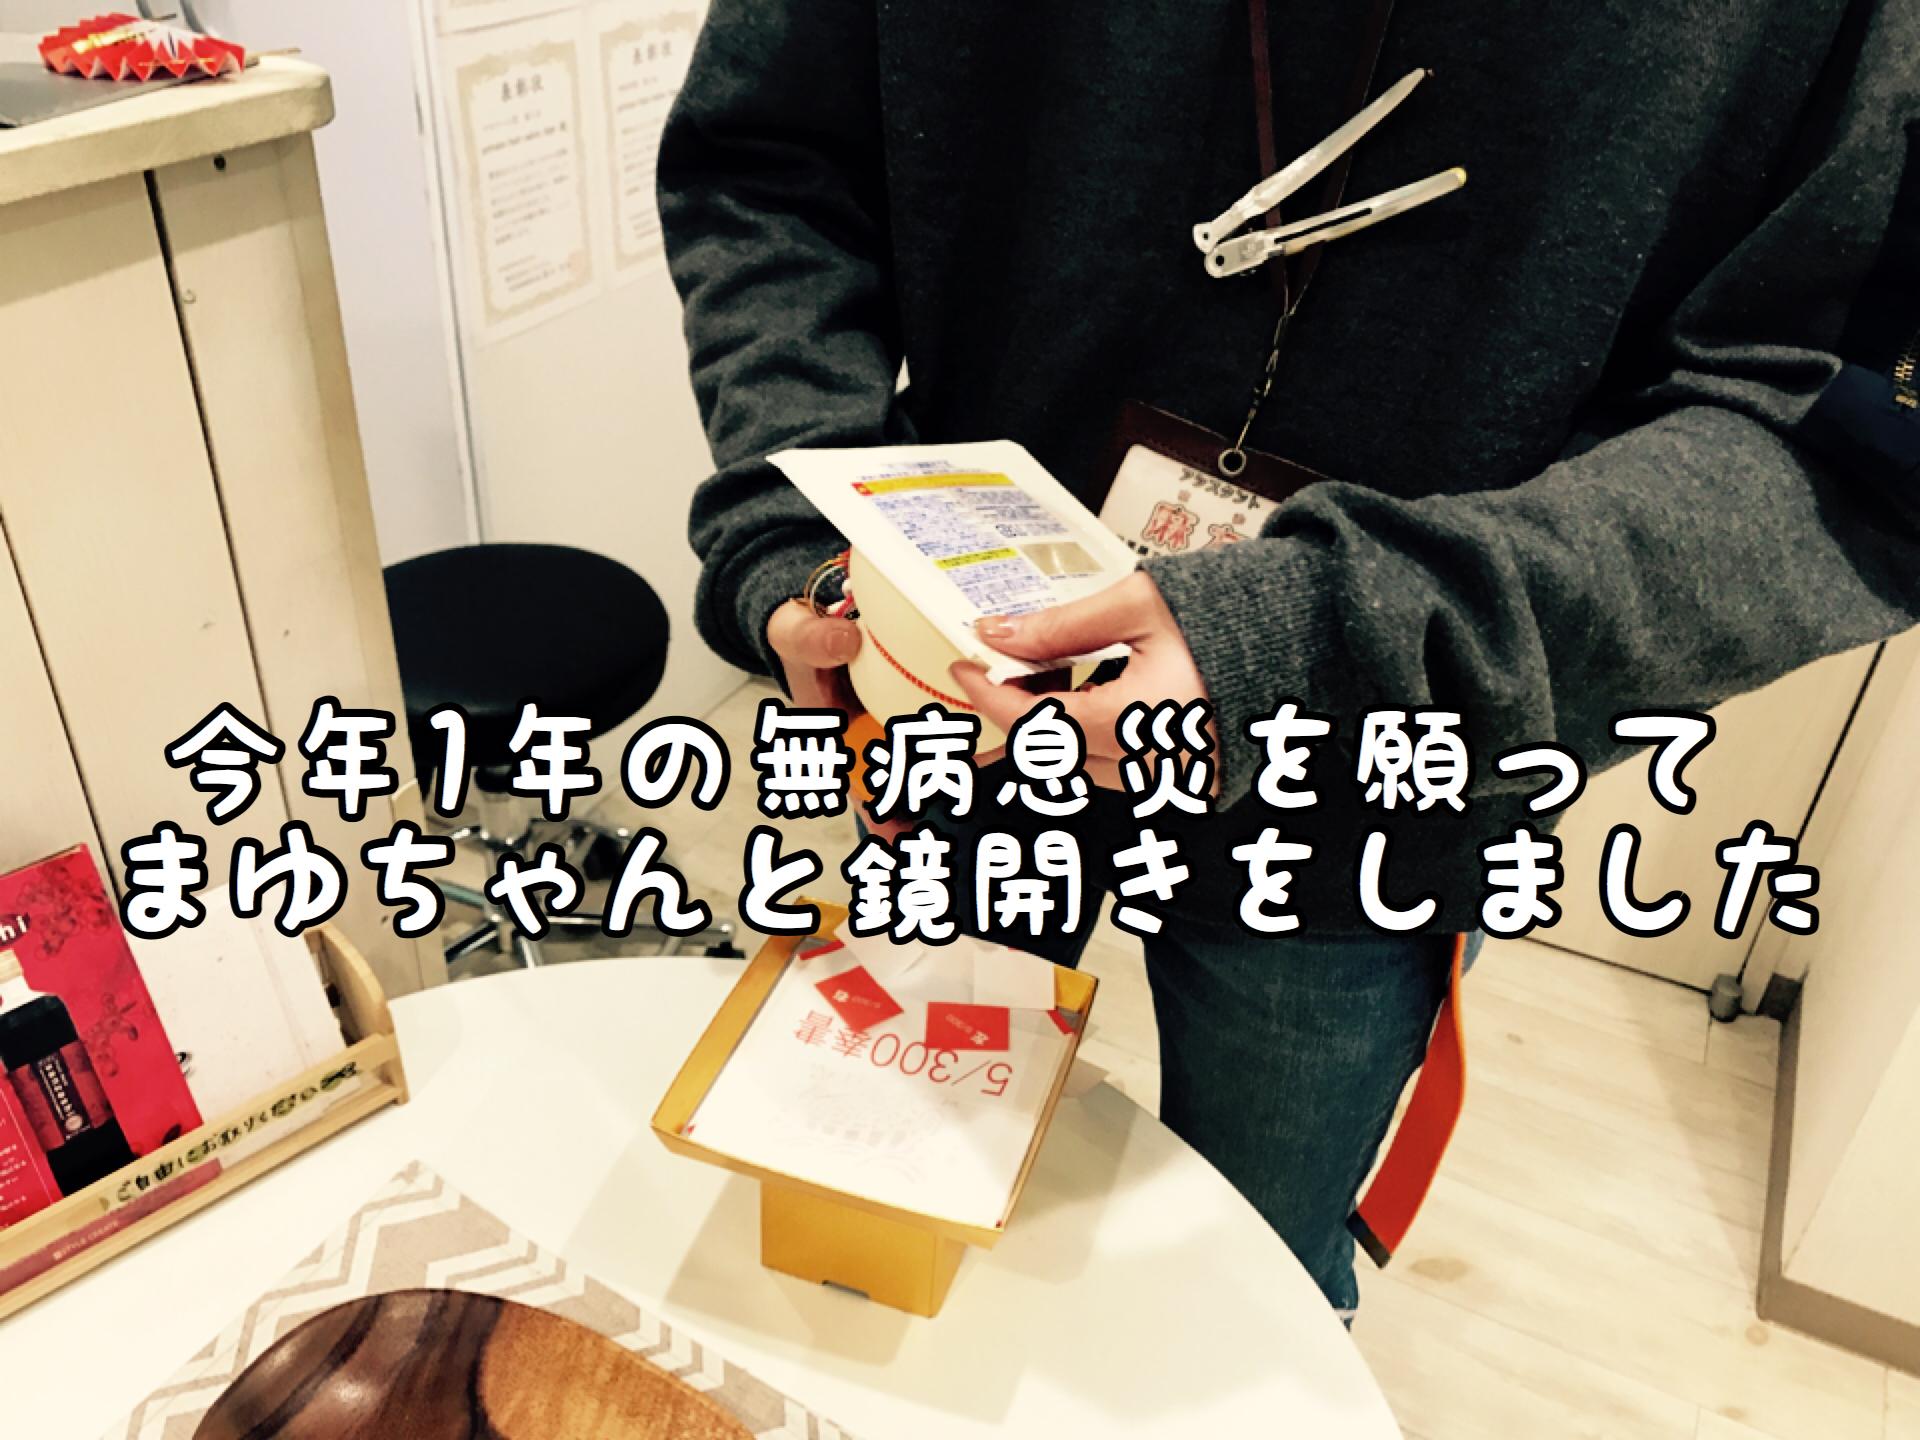 【ご利益】当店に飾って合った鏡餅をまゆちゃんと一緒に鏡開きしました